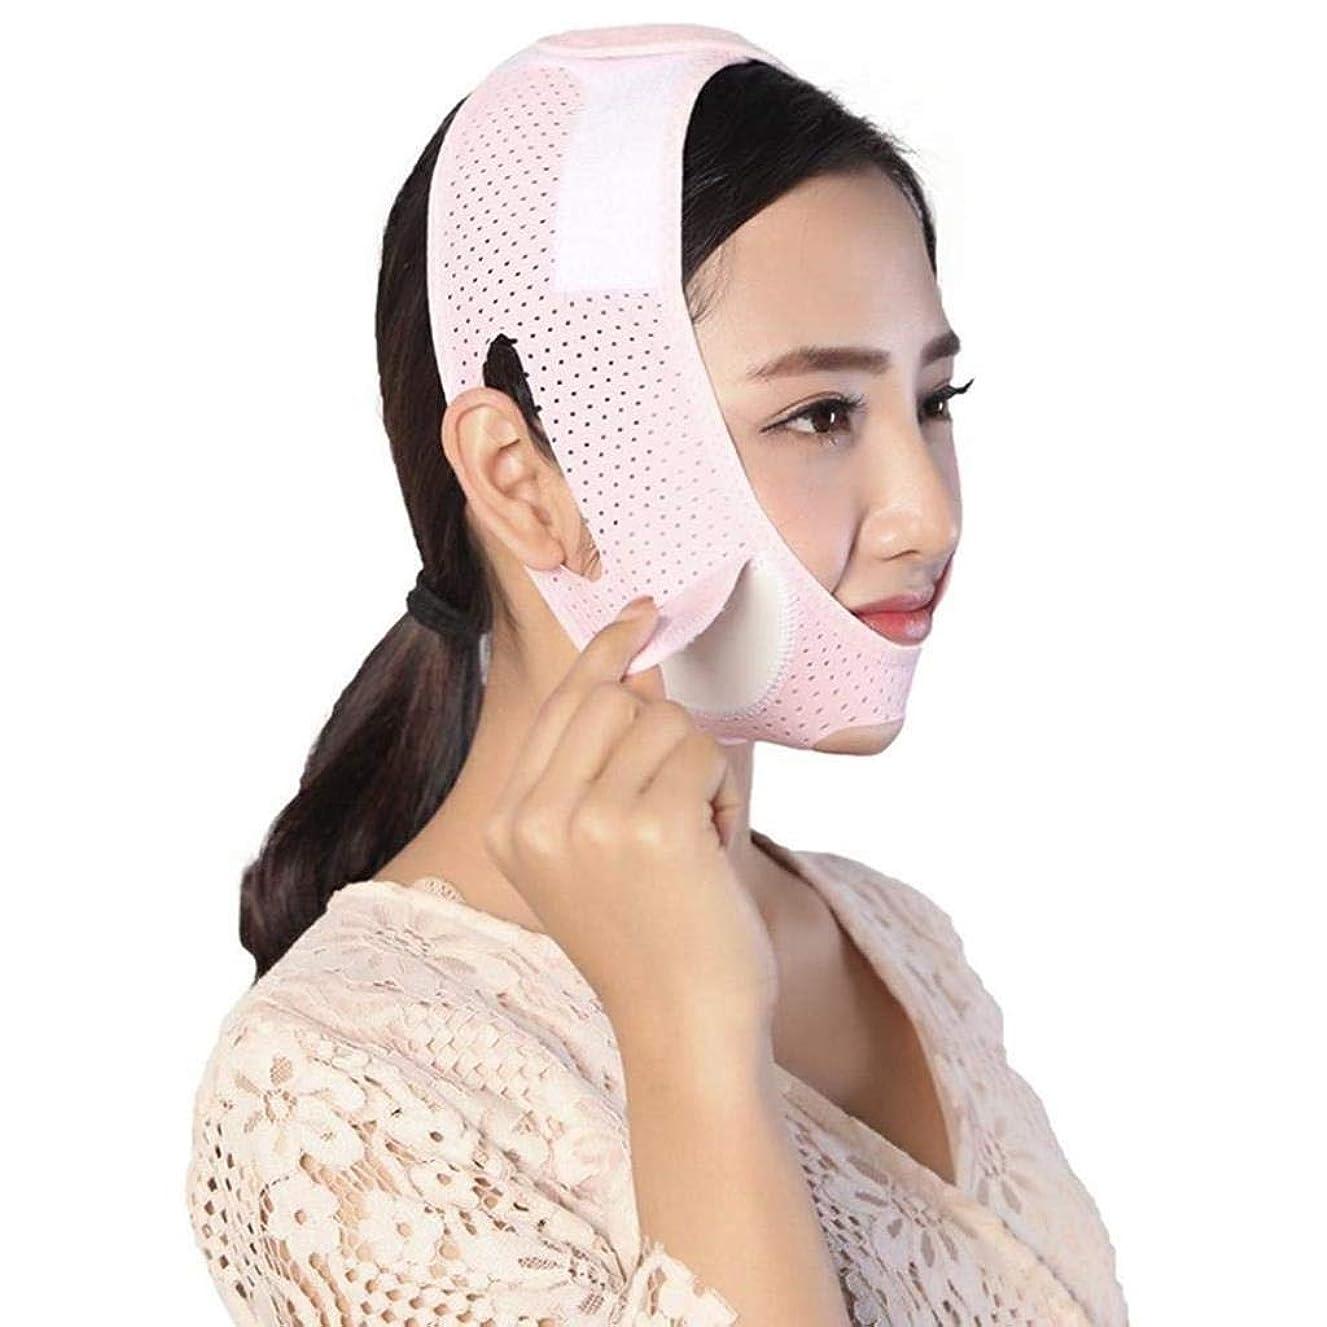 誰が可愛い不安定Vフェイスリフティング痩身Vフェイスマスクフルカバレッジ包帯減らす顔の二重あごケア減量美容ベルト通気性